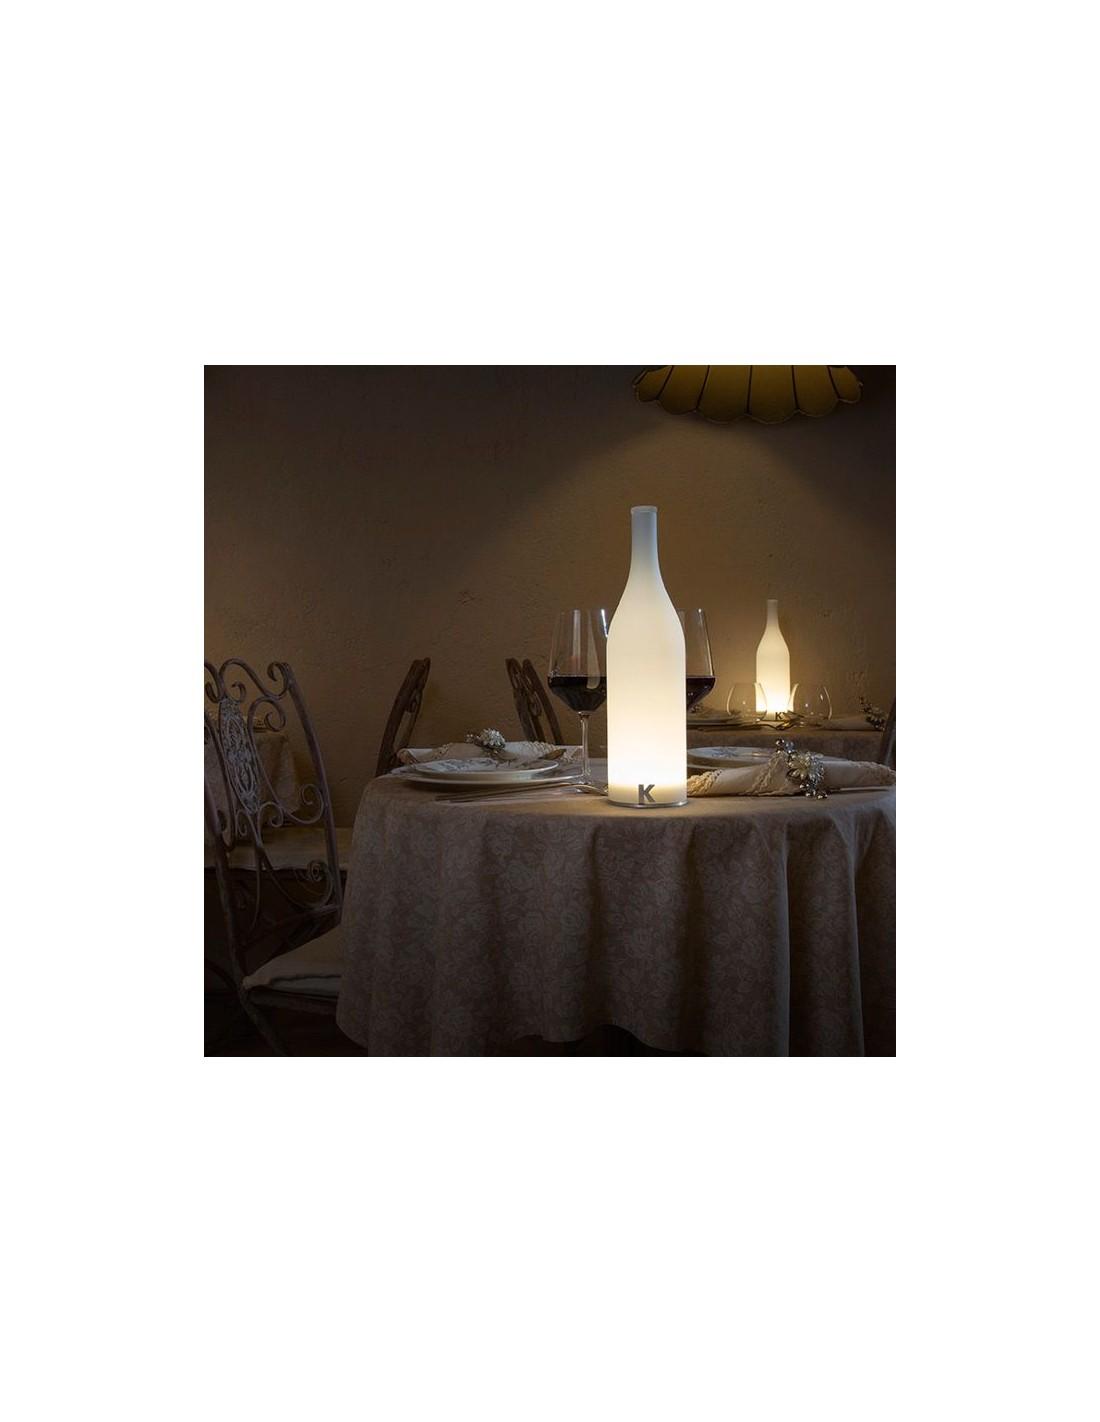 Lampe à poser sans fil Bacco ambiance restaurant de chez Karman - Valente Design